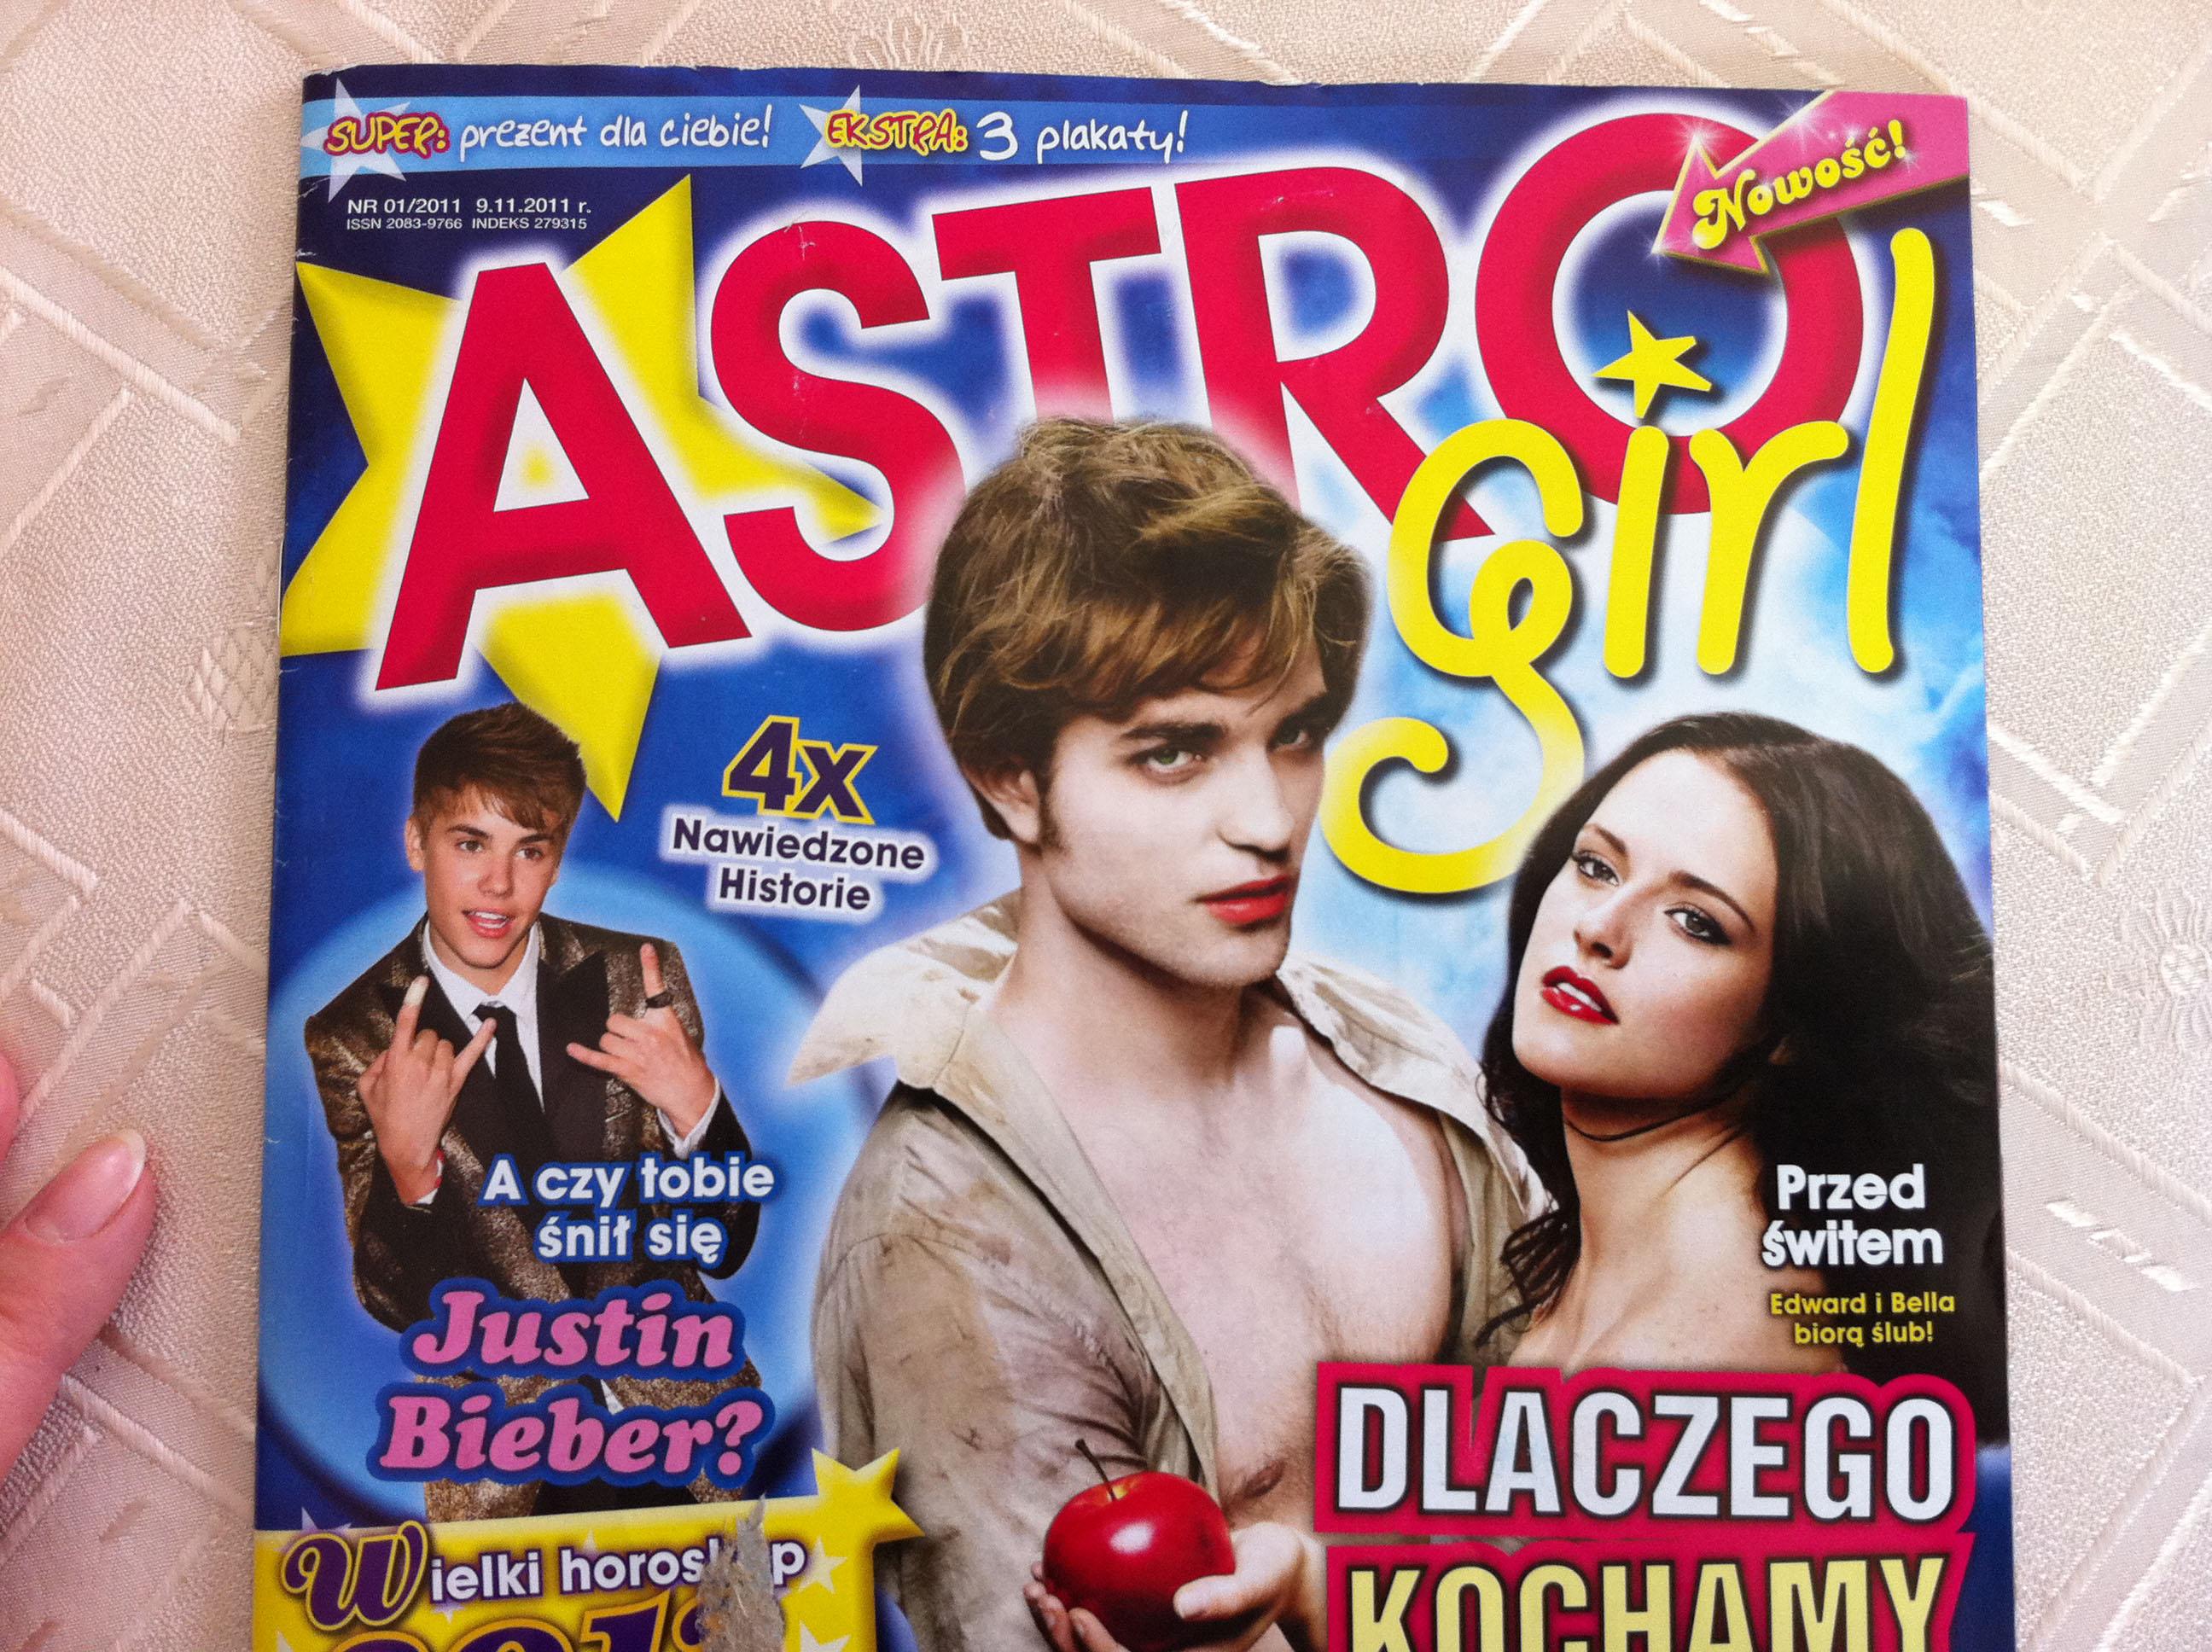 Astro girl magazine